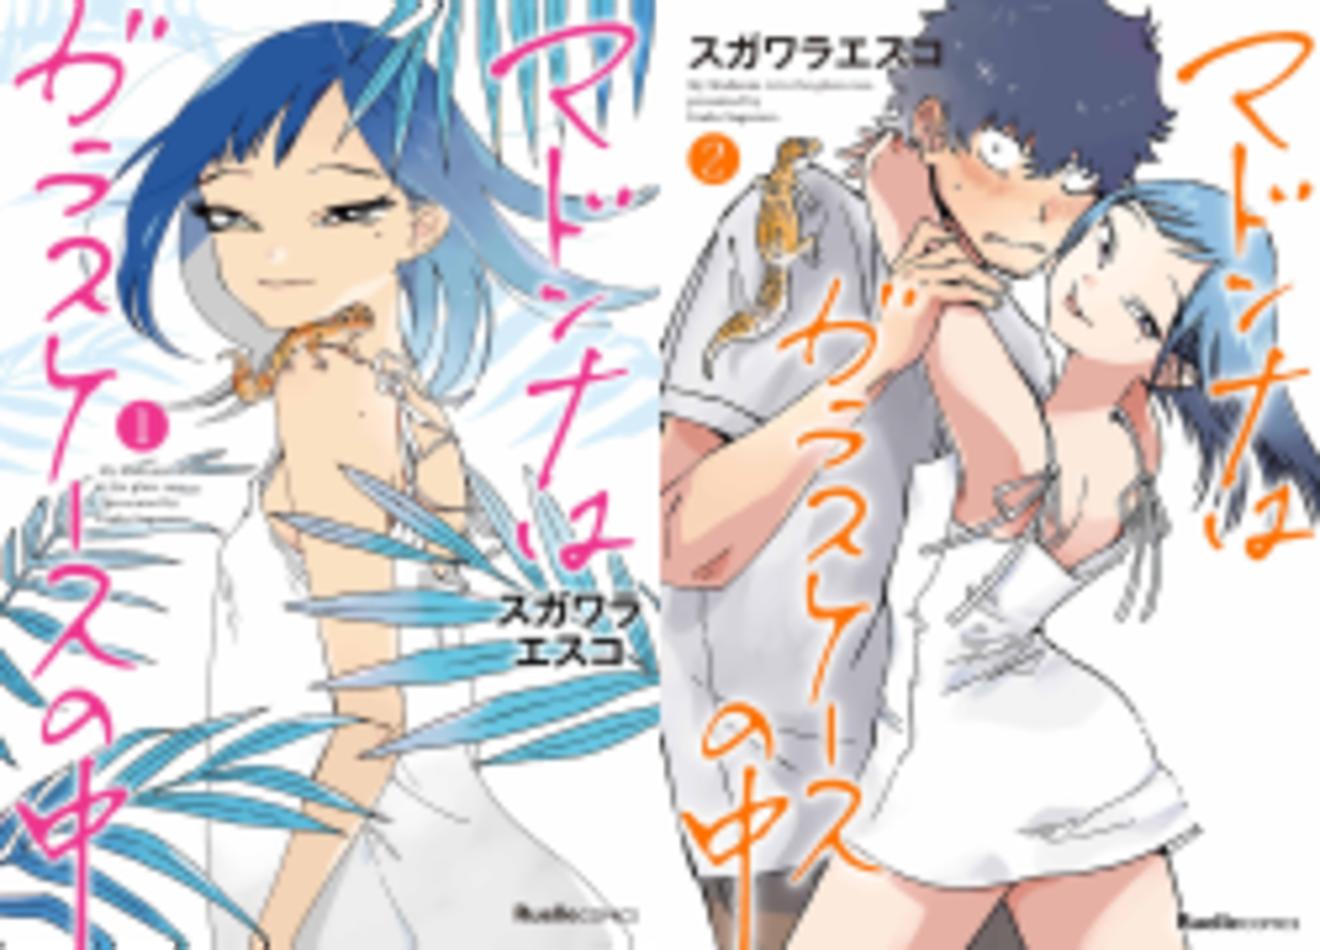 【無料】『マドンナはガラスケースの中』新しすぎる恋愛漫画をネタバレ紹介!